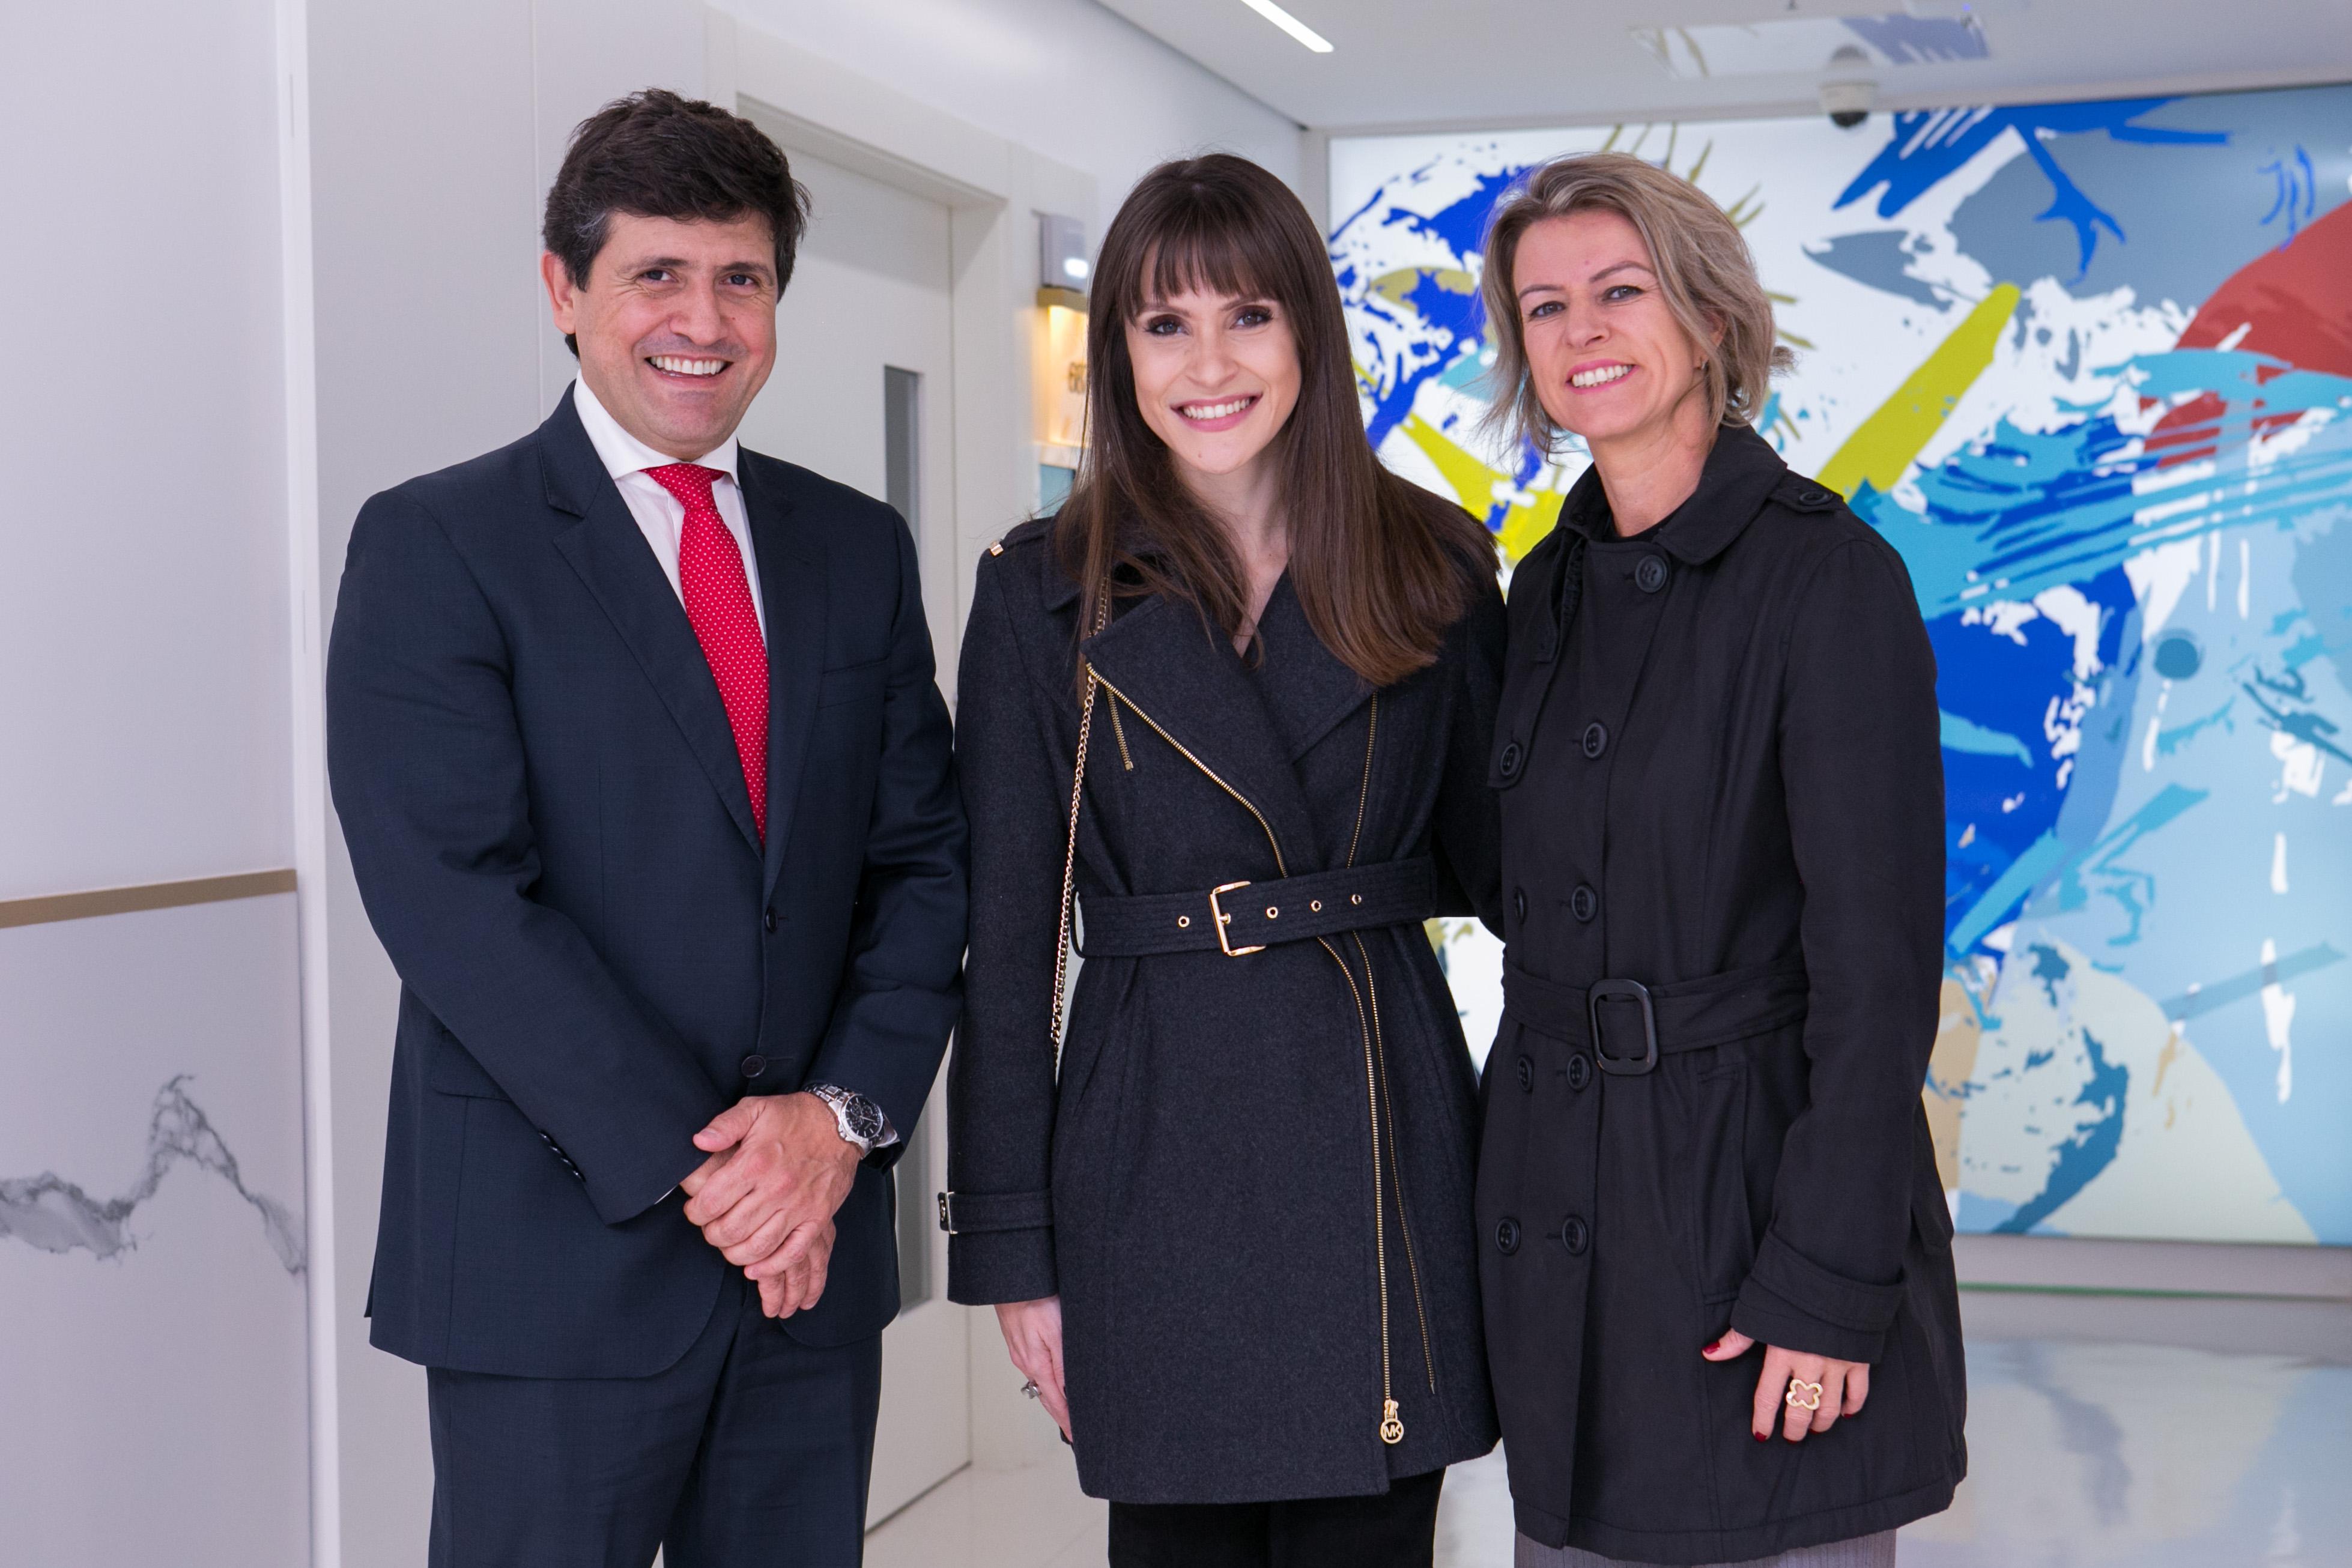 O superintendente Executivo Mohamed Parrini, a artista Mariana Prestes (C), e a Gerente de Relações com Mercado do Hospital Moinhos de Vento, Diocelia Jungbluth (D)